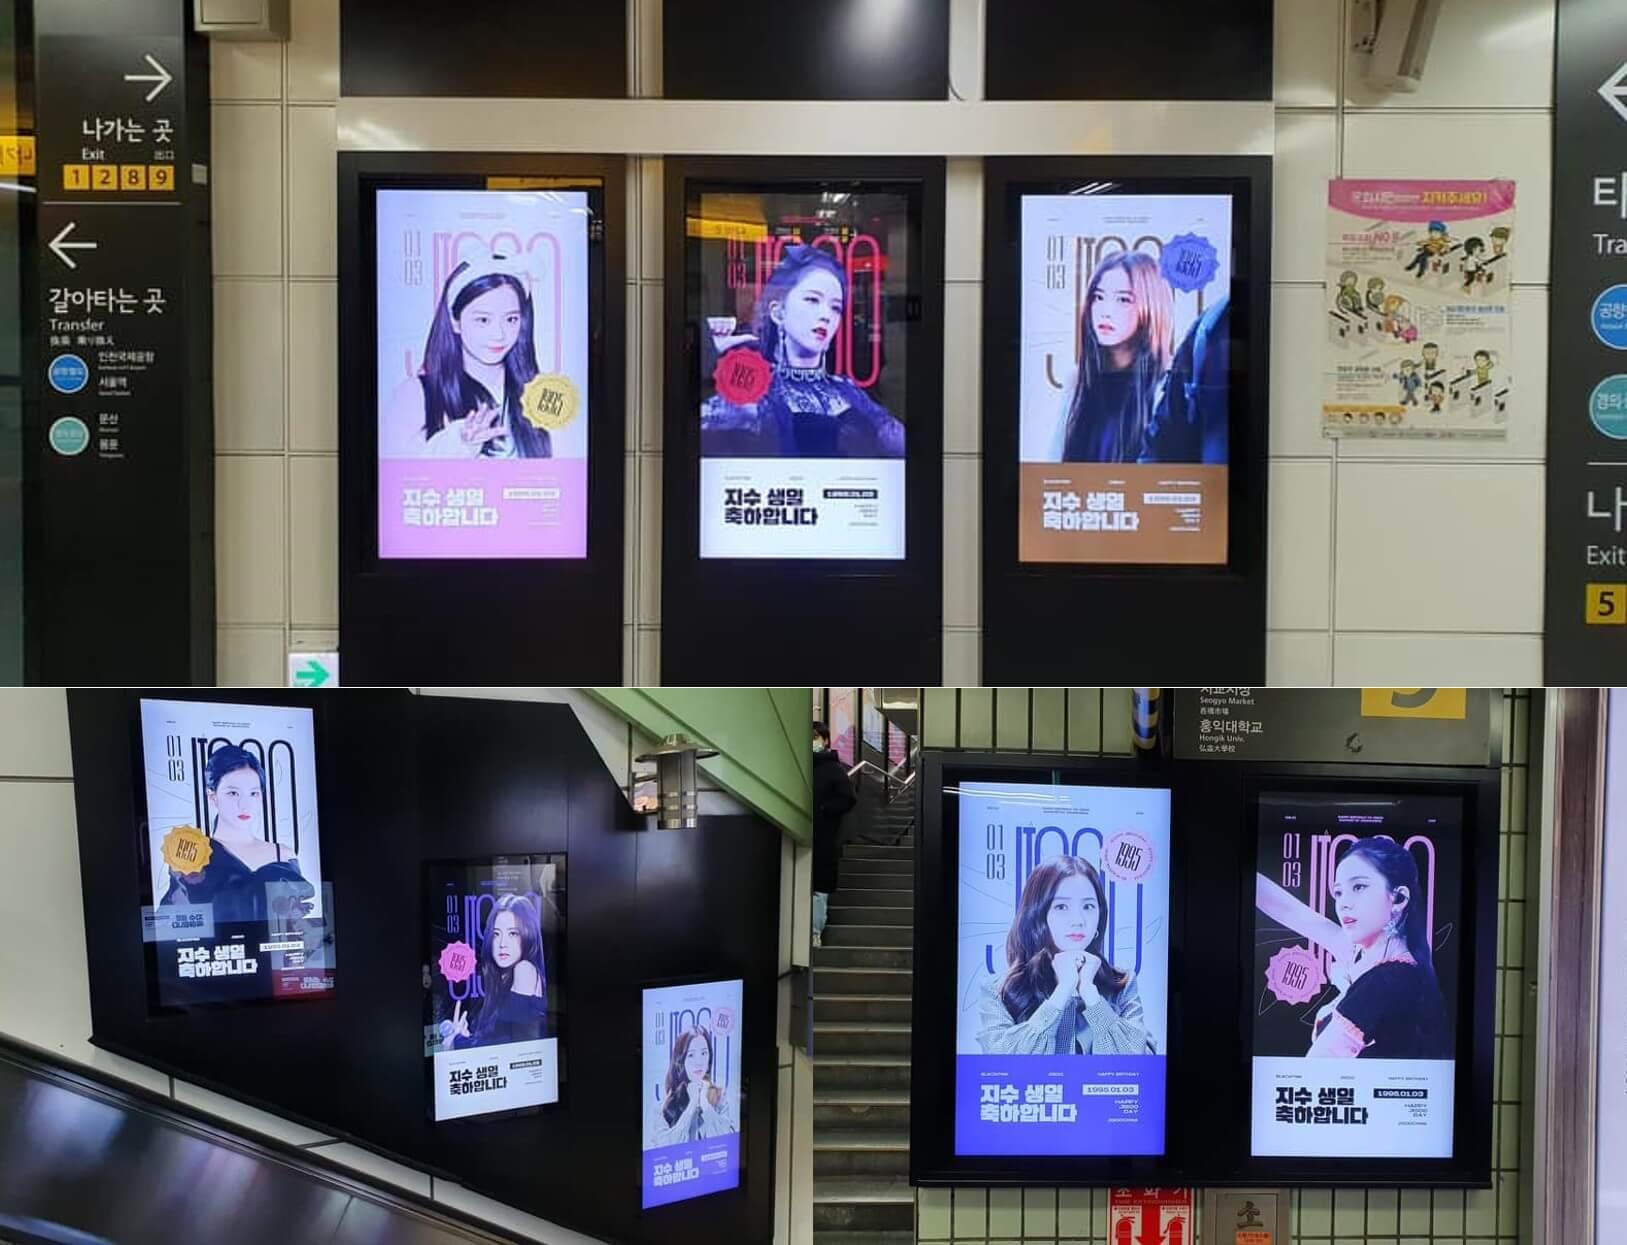 FC Jisoonly chúc mừng sinh nhật Jisoo BlackPink với dự án quảng cáo LCD ấn tượng